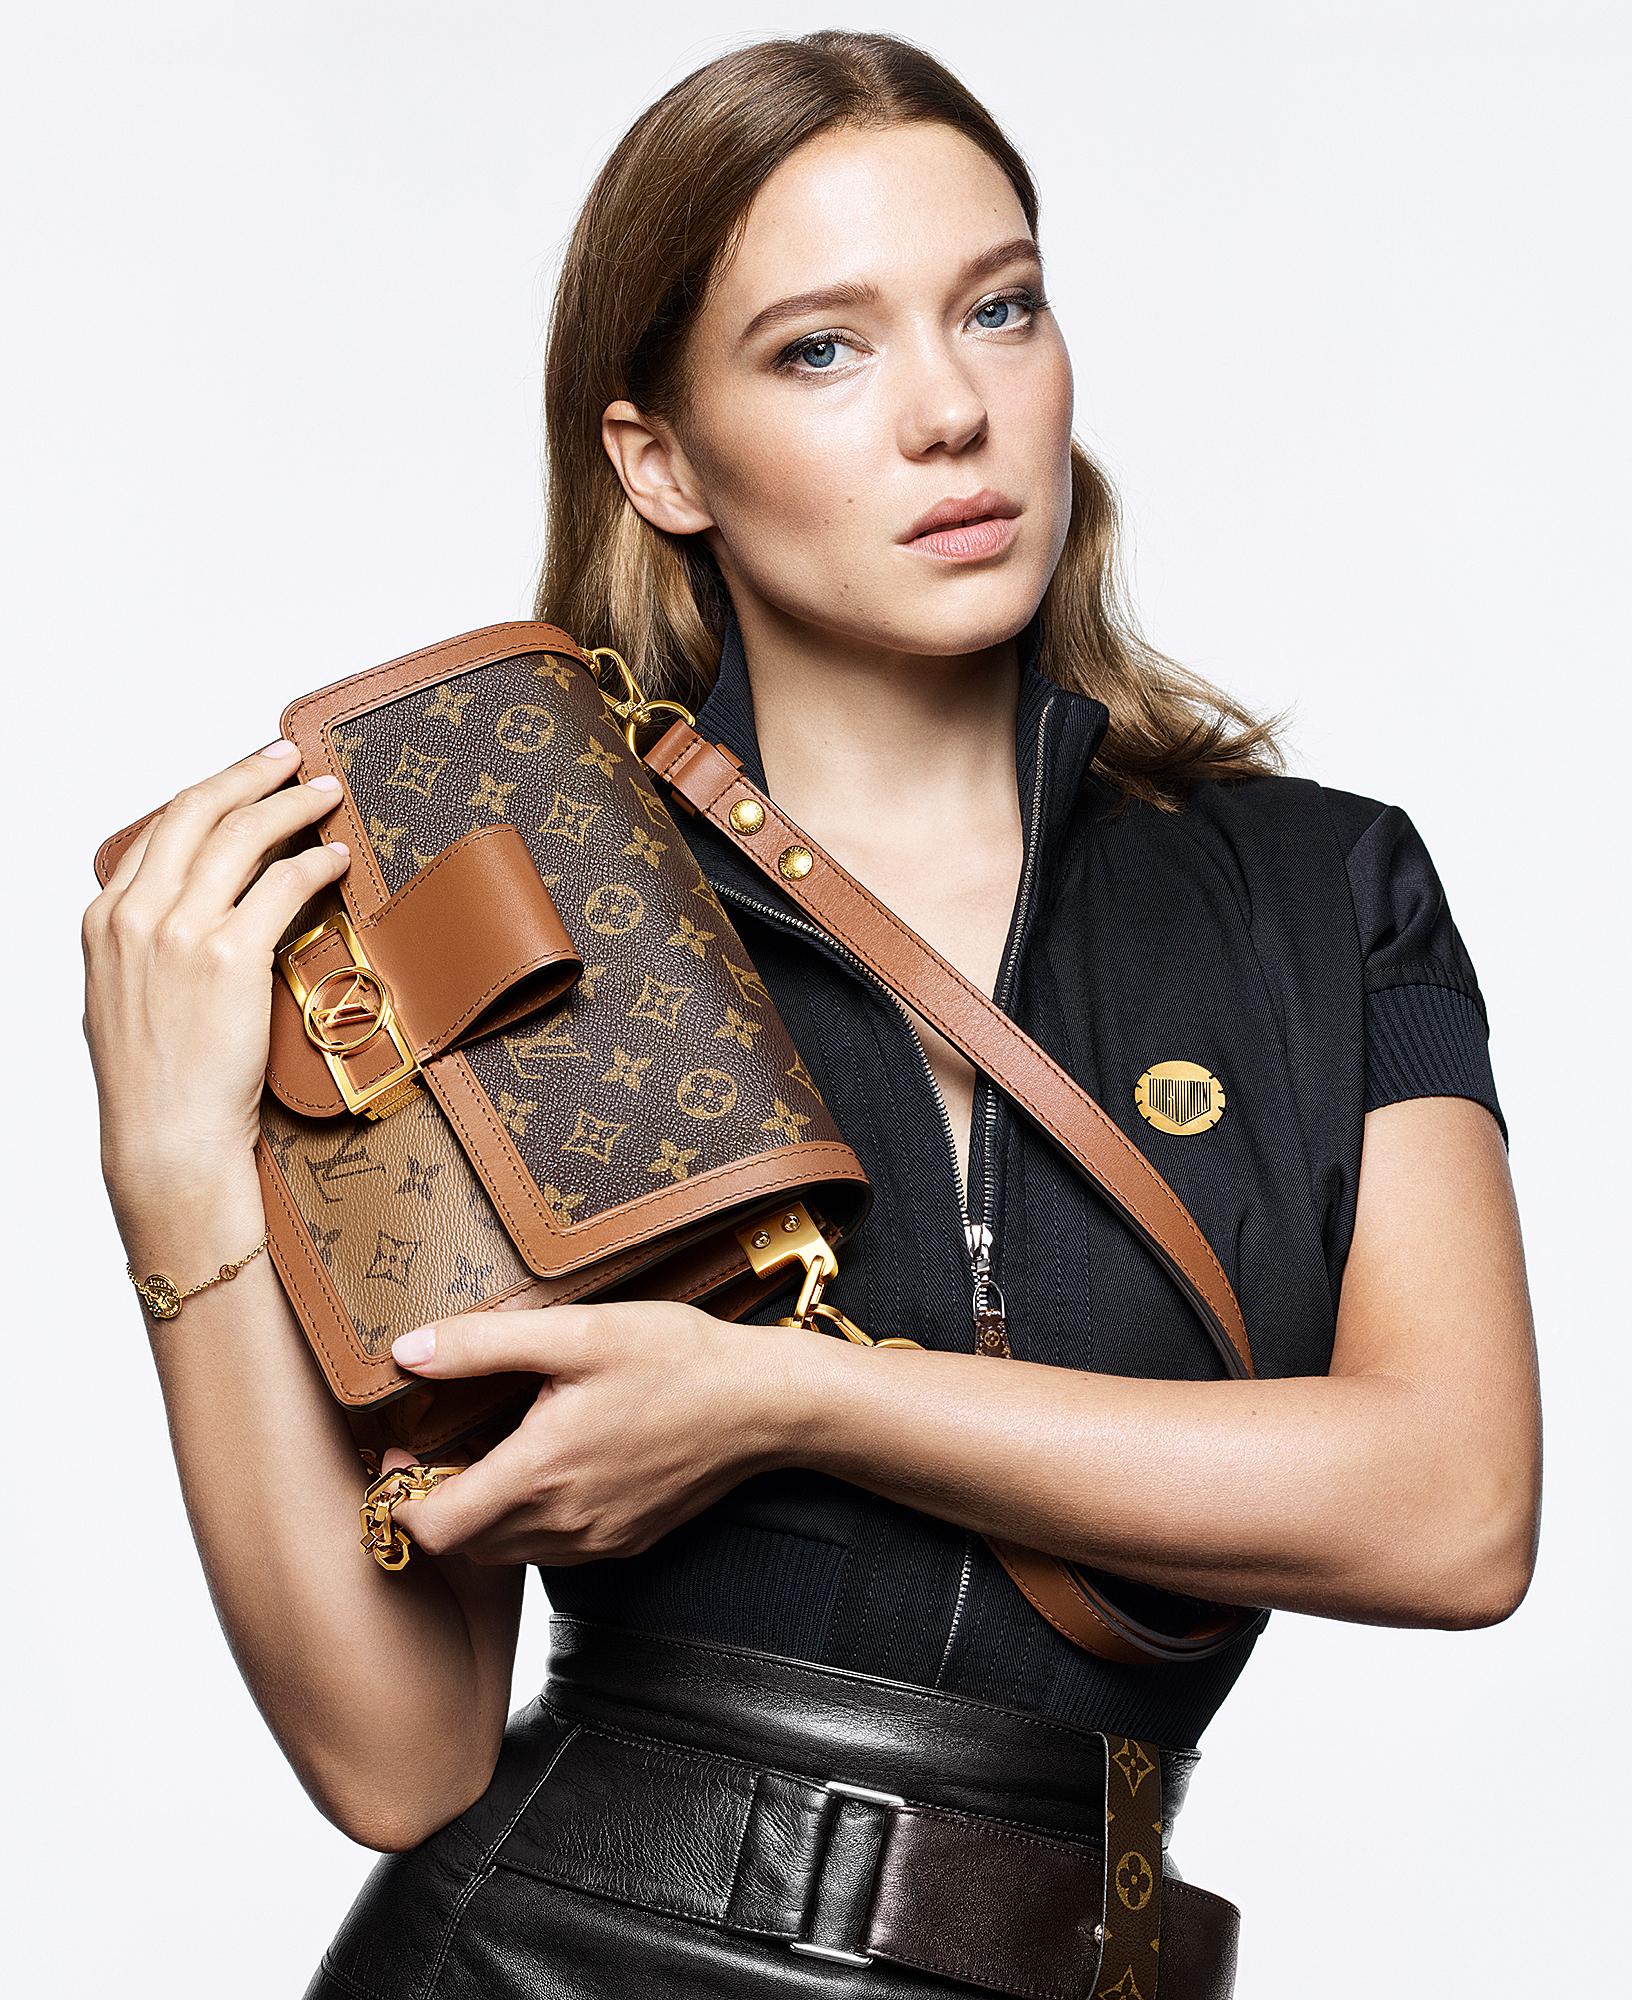 Lea-Seydoux-Stun-in-Louis-Vuitton's-Latest-Campaign - Lea Seydoux